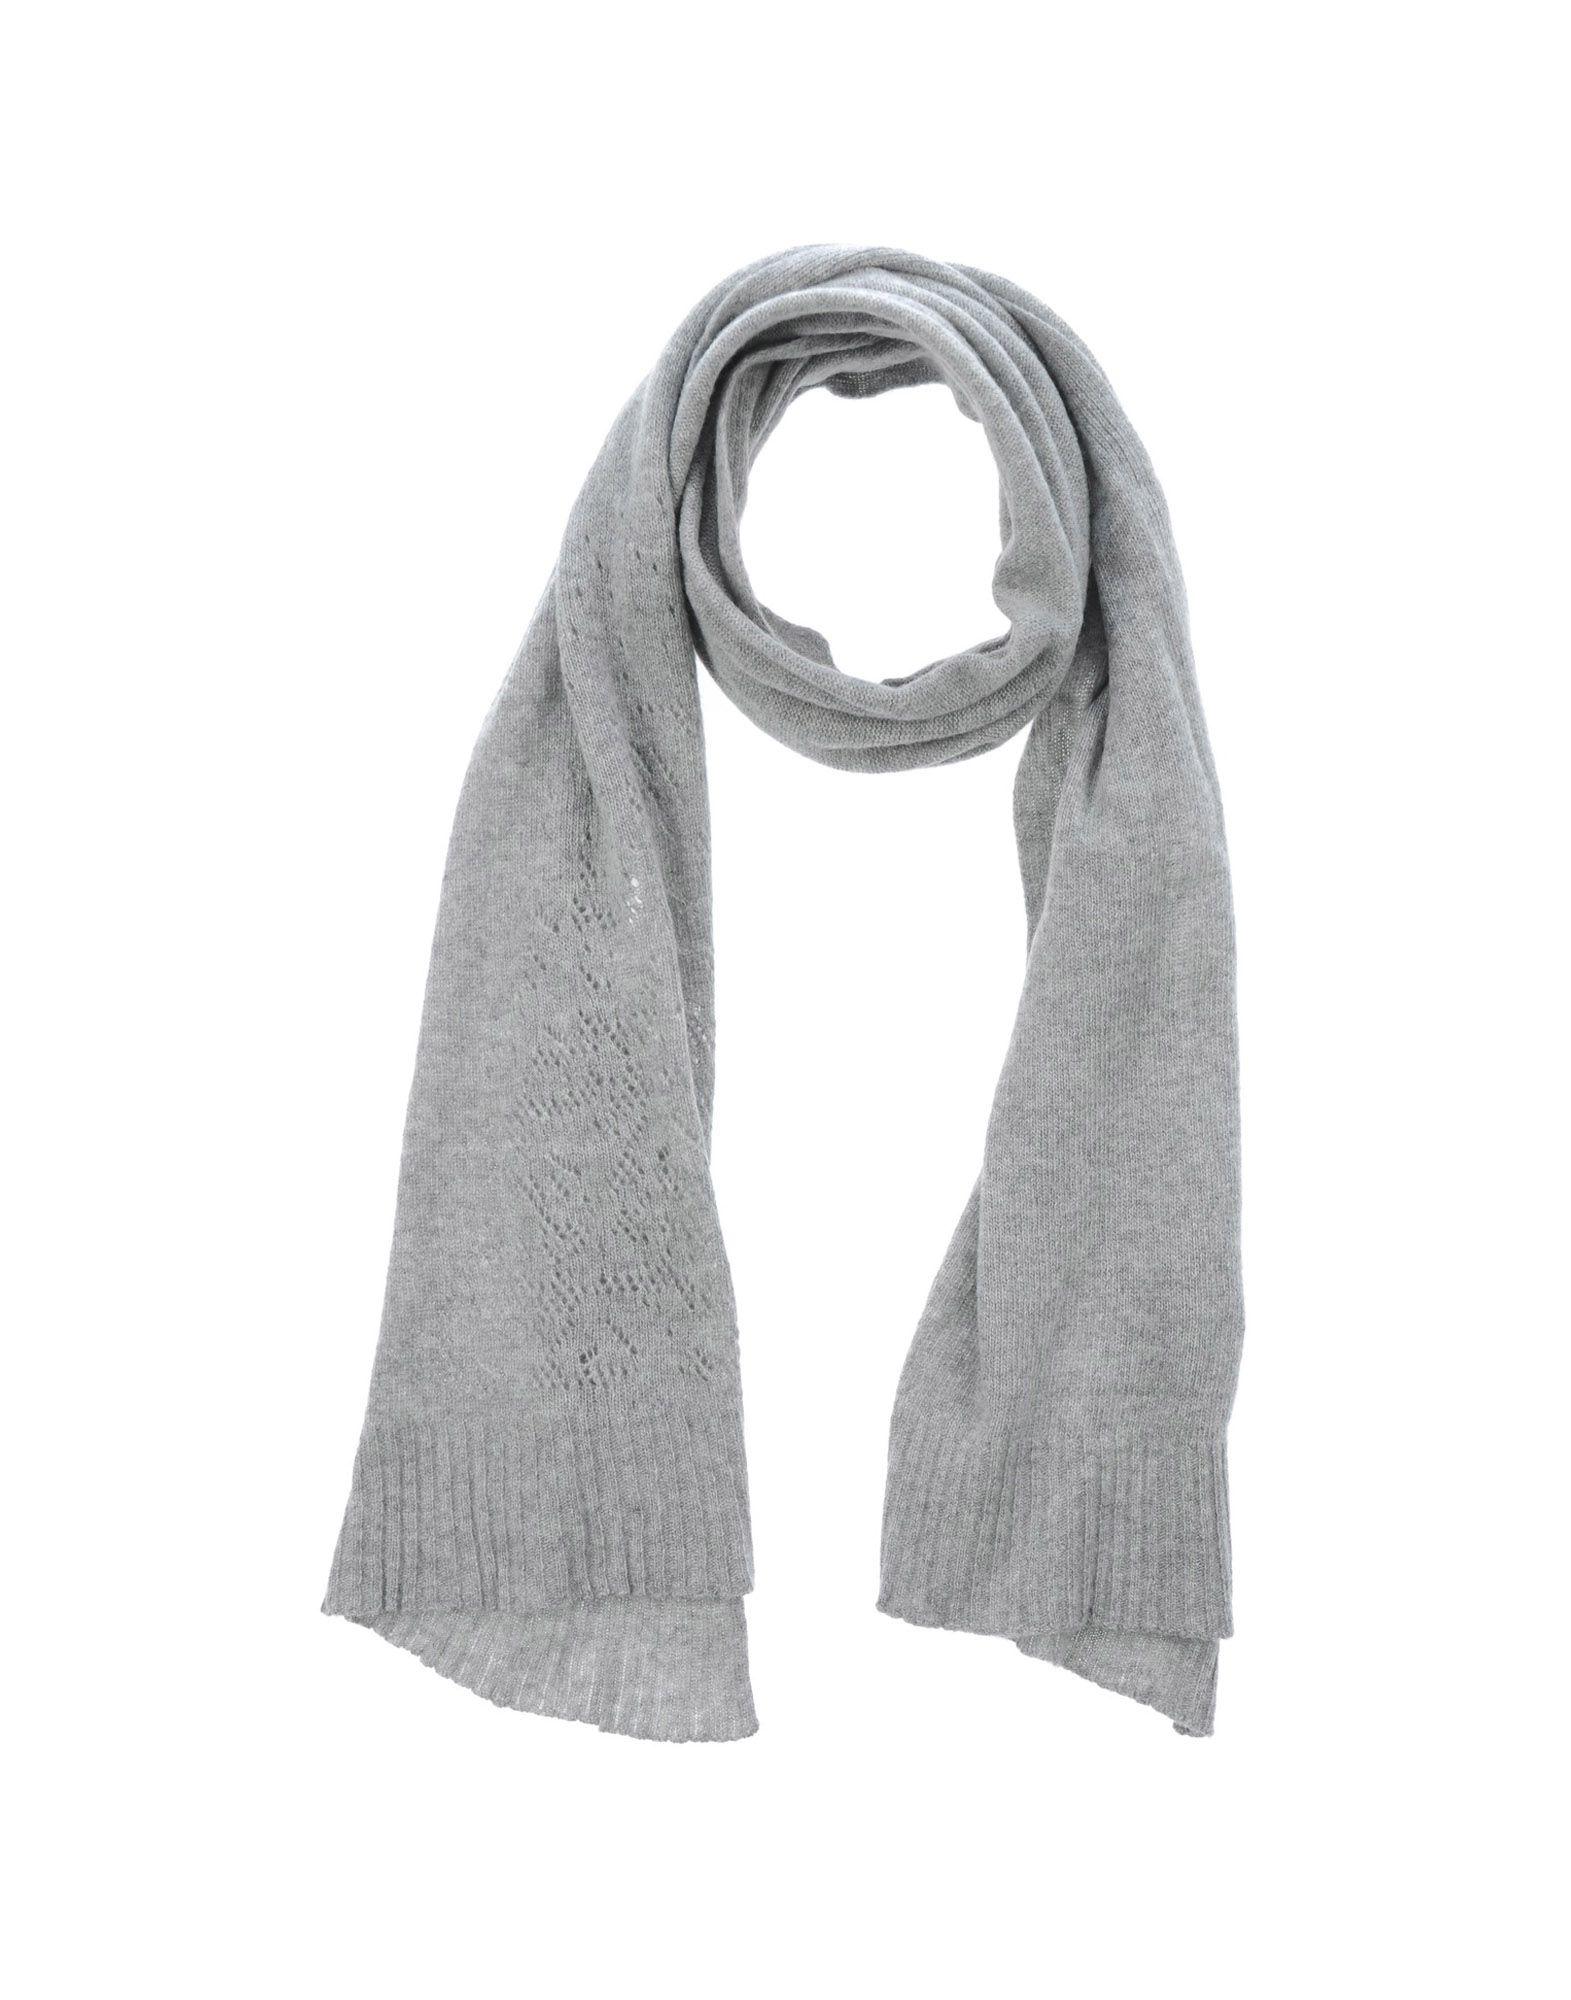 ACCESSORIES - Oblong scarves Siyu YNQjrSIyu